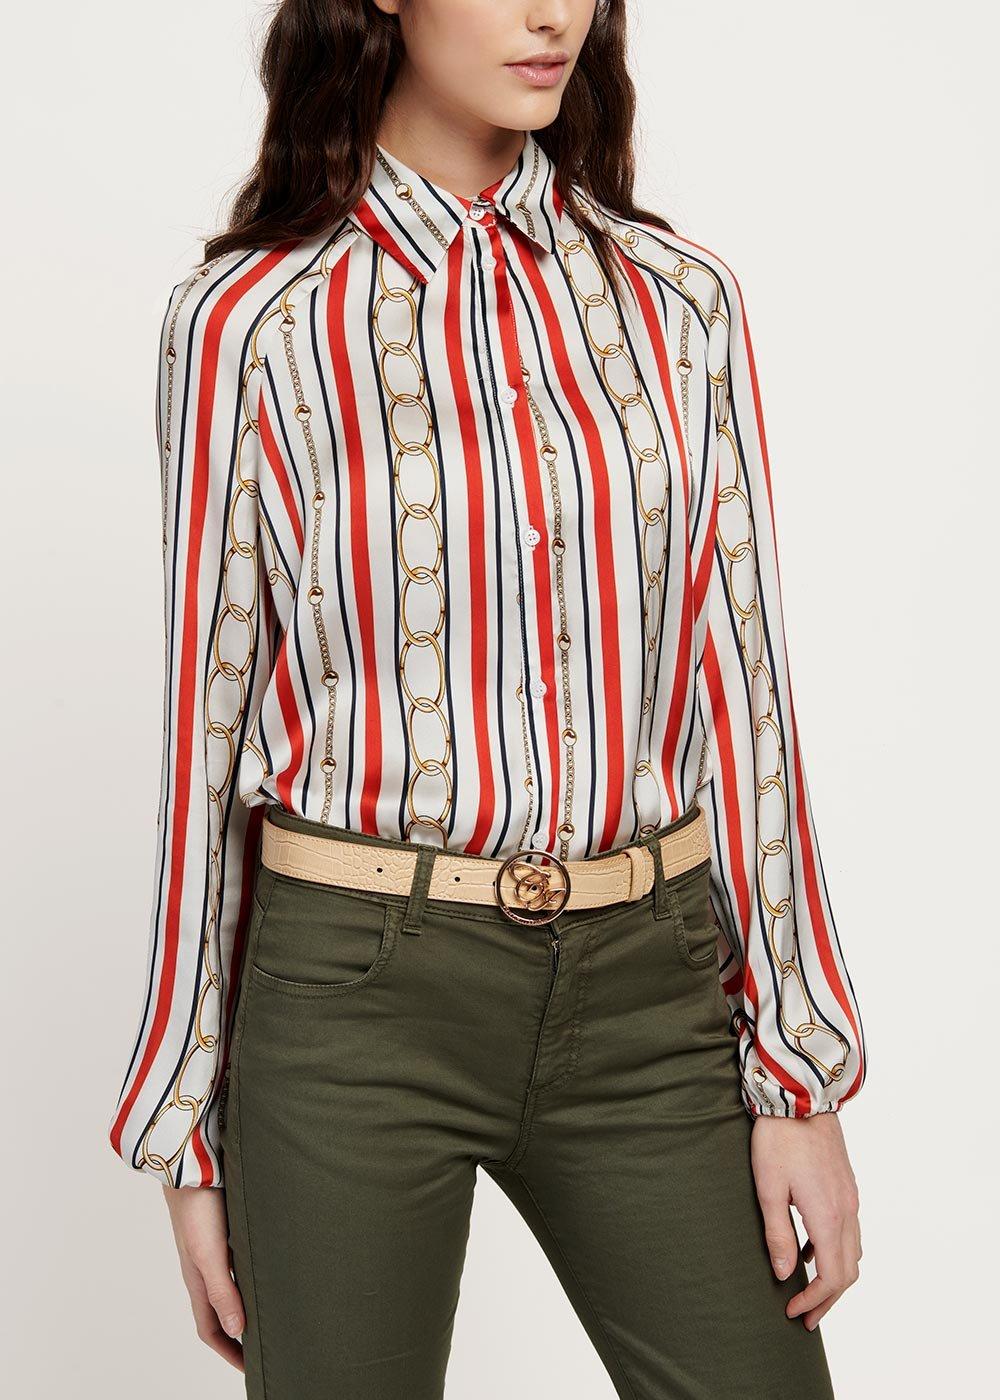 Camicia Cristina fantasia righe e catene - White / Blu / Stripes - Donna